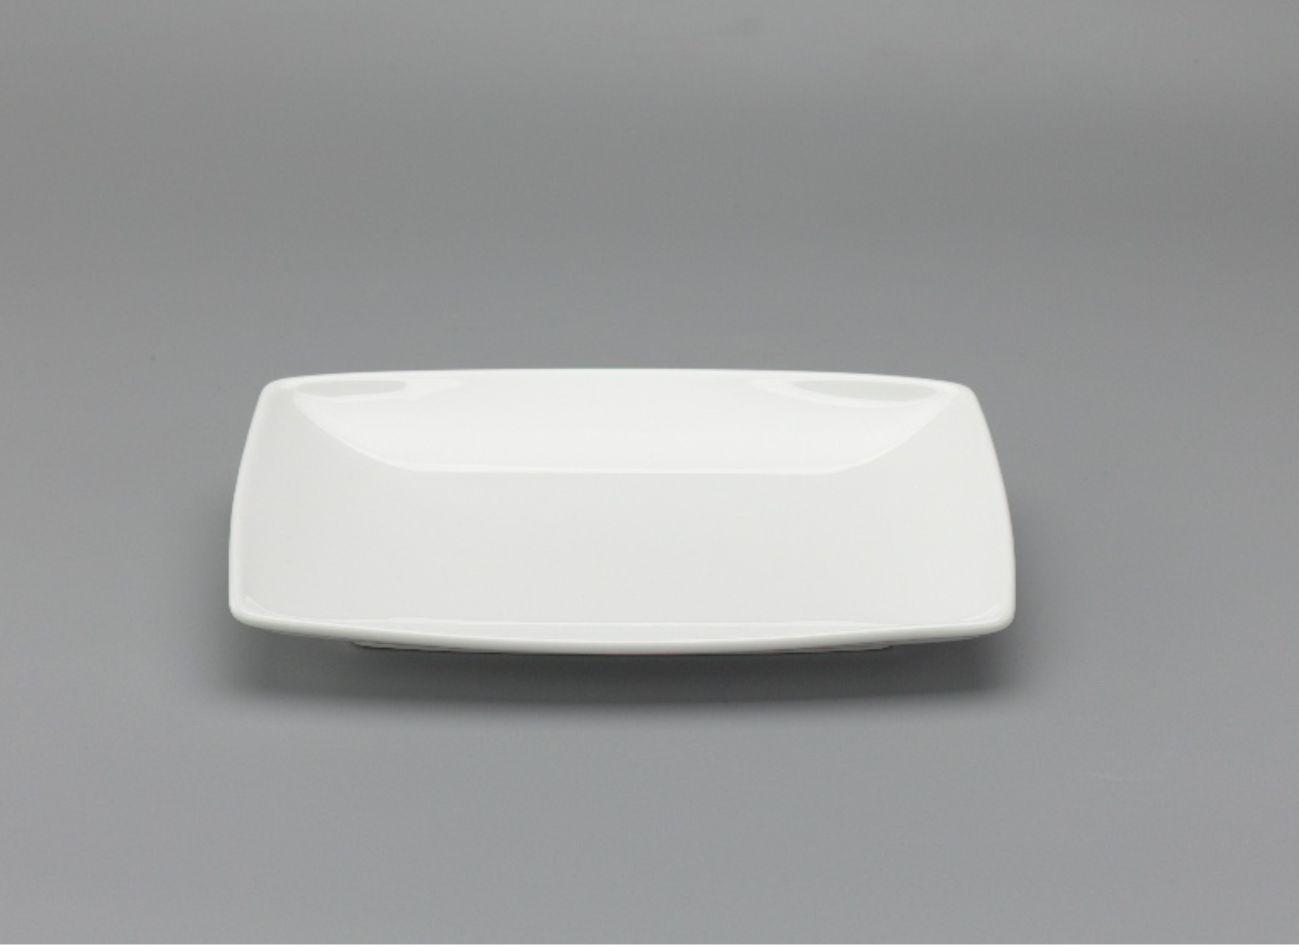 Dĩa chữ nhật phẳng 27 x 18cm Anh Vũ Lys Trắng Ngà 432720000